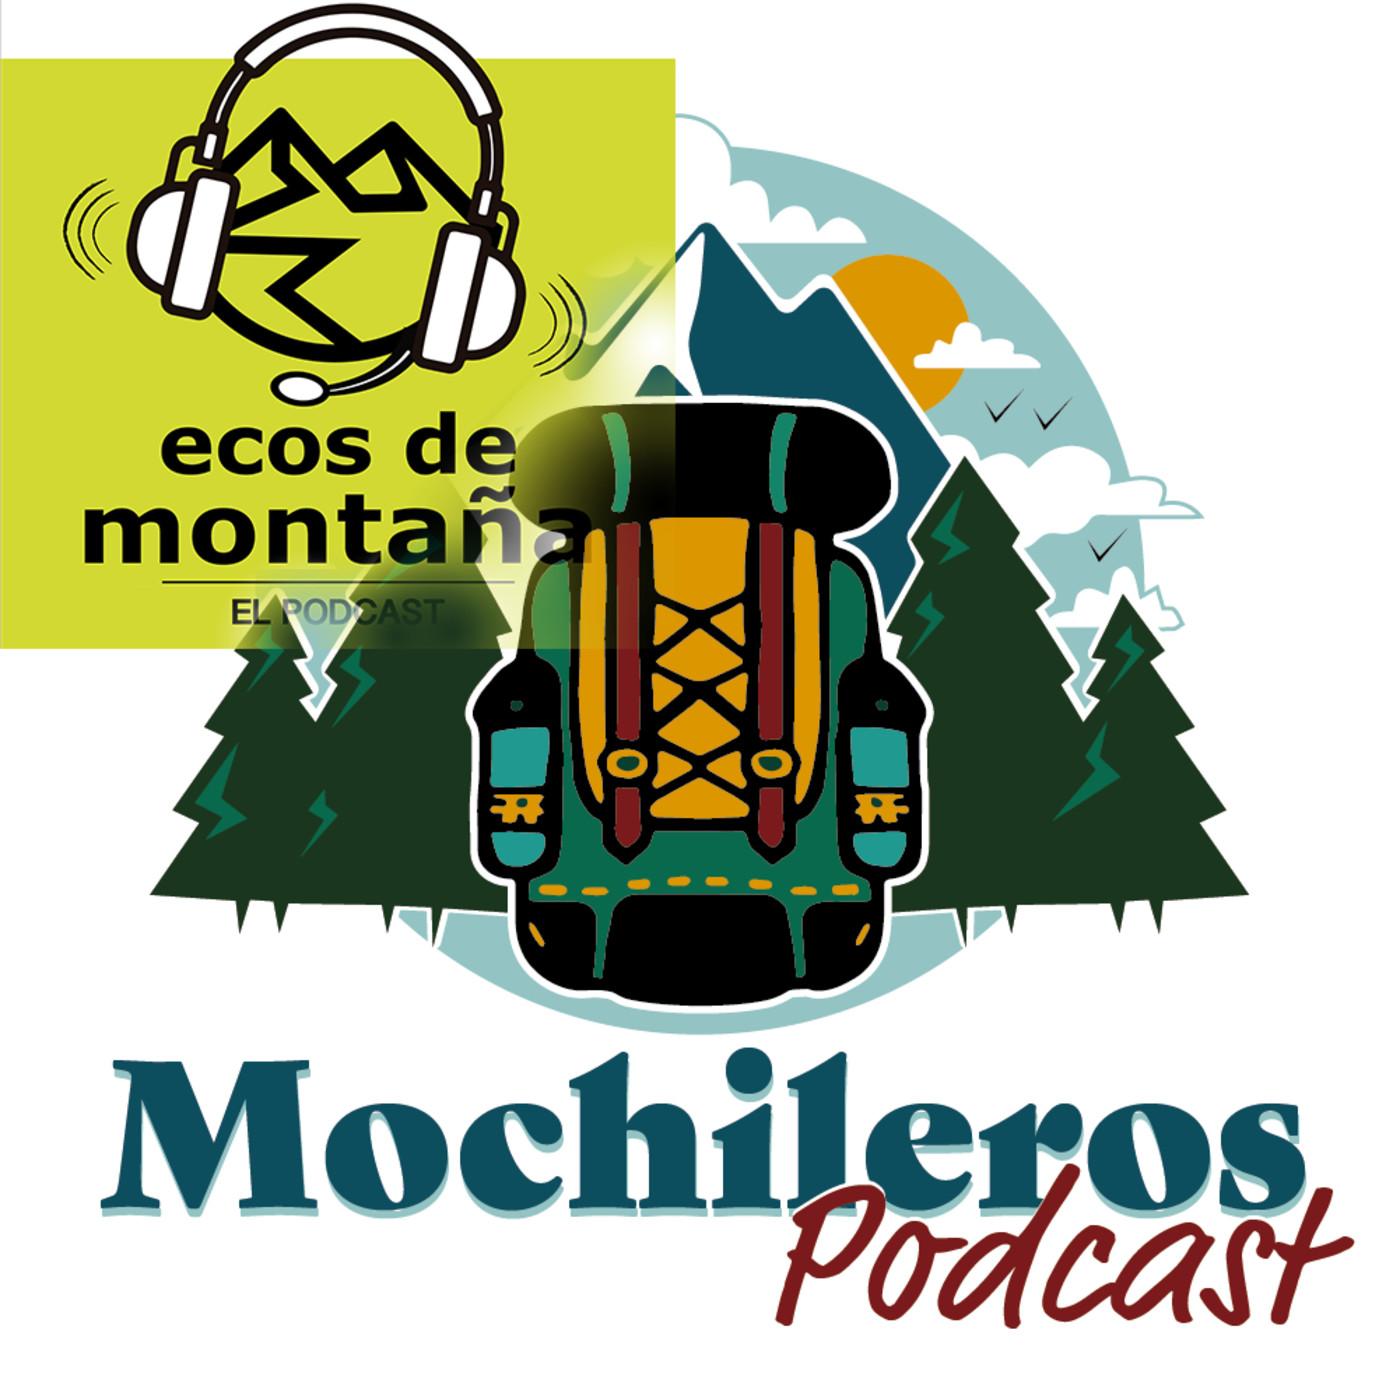 34.- Mochileros teniendo conversaciones de refugio con Ecos de Montaña (con Miguel Gutierrez).